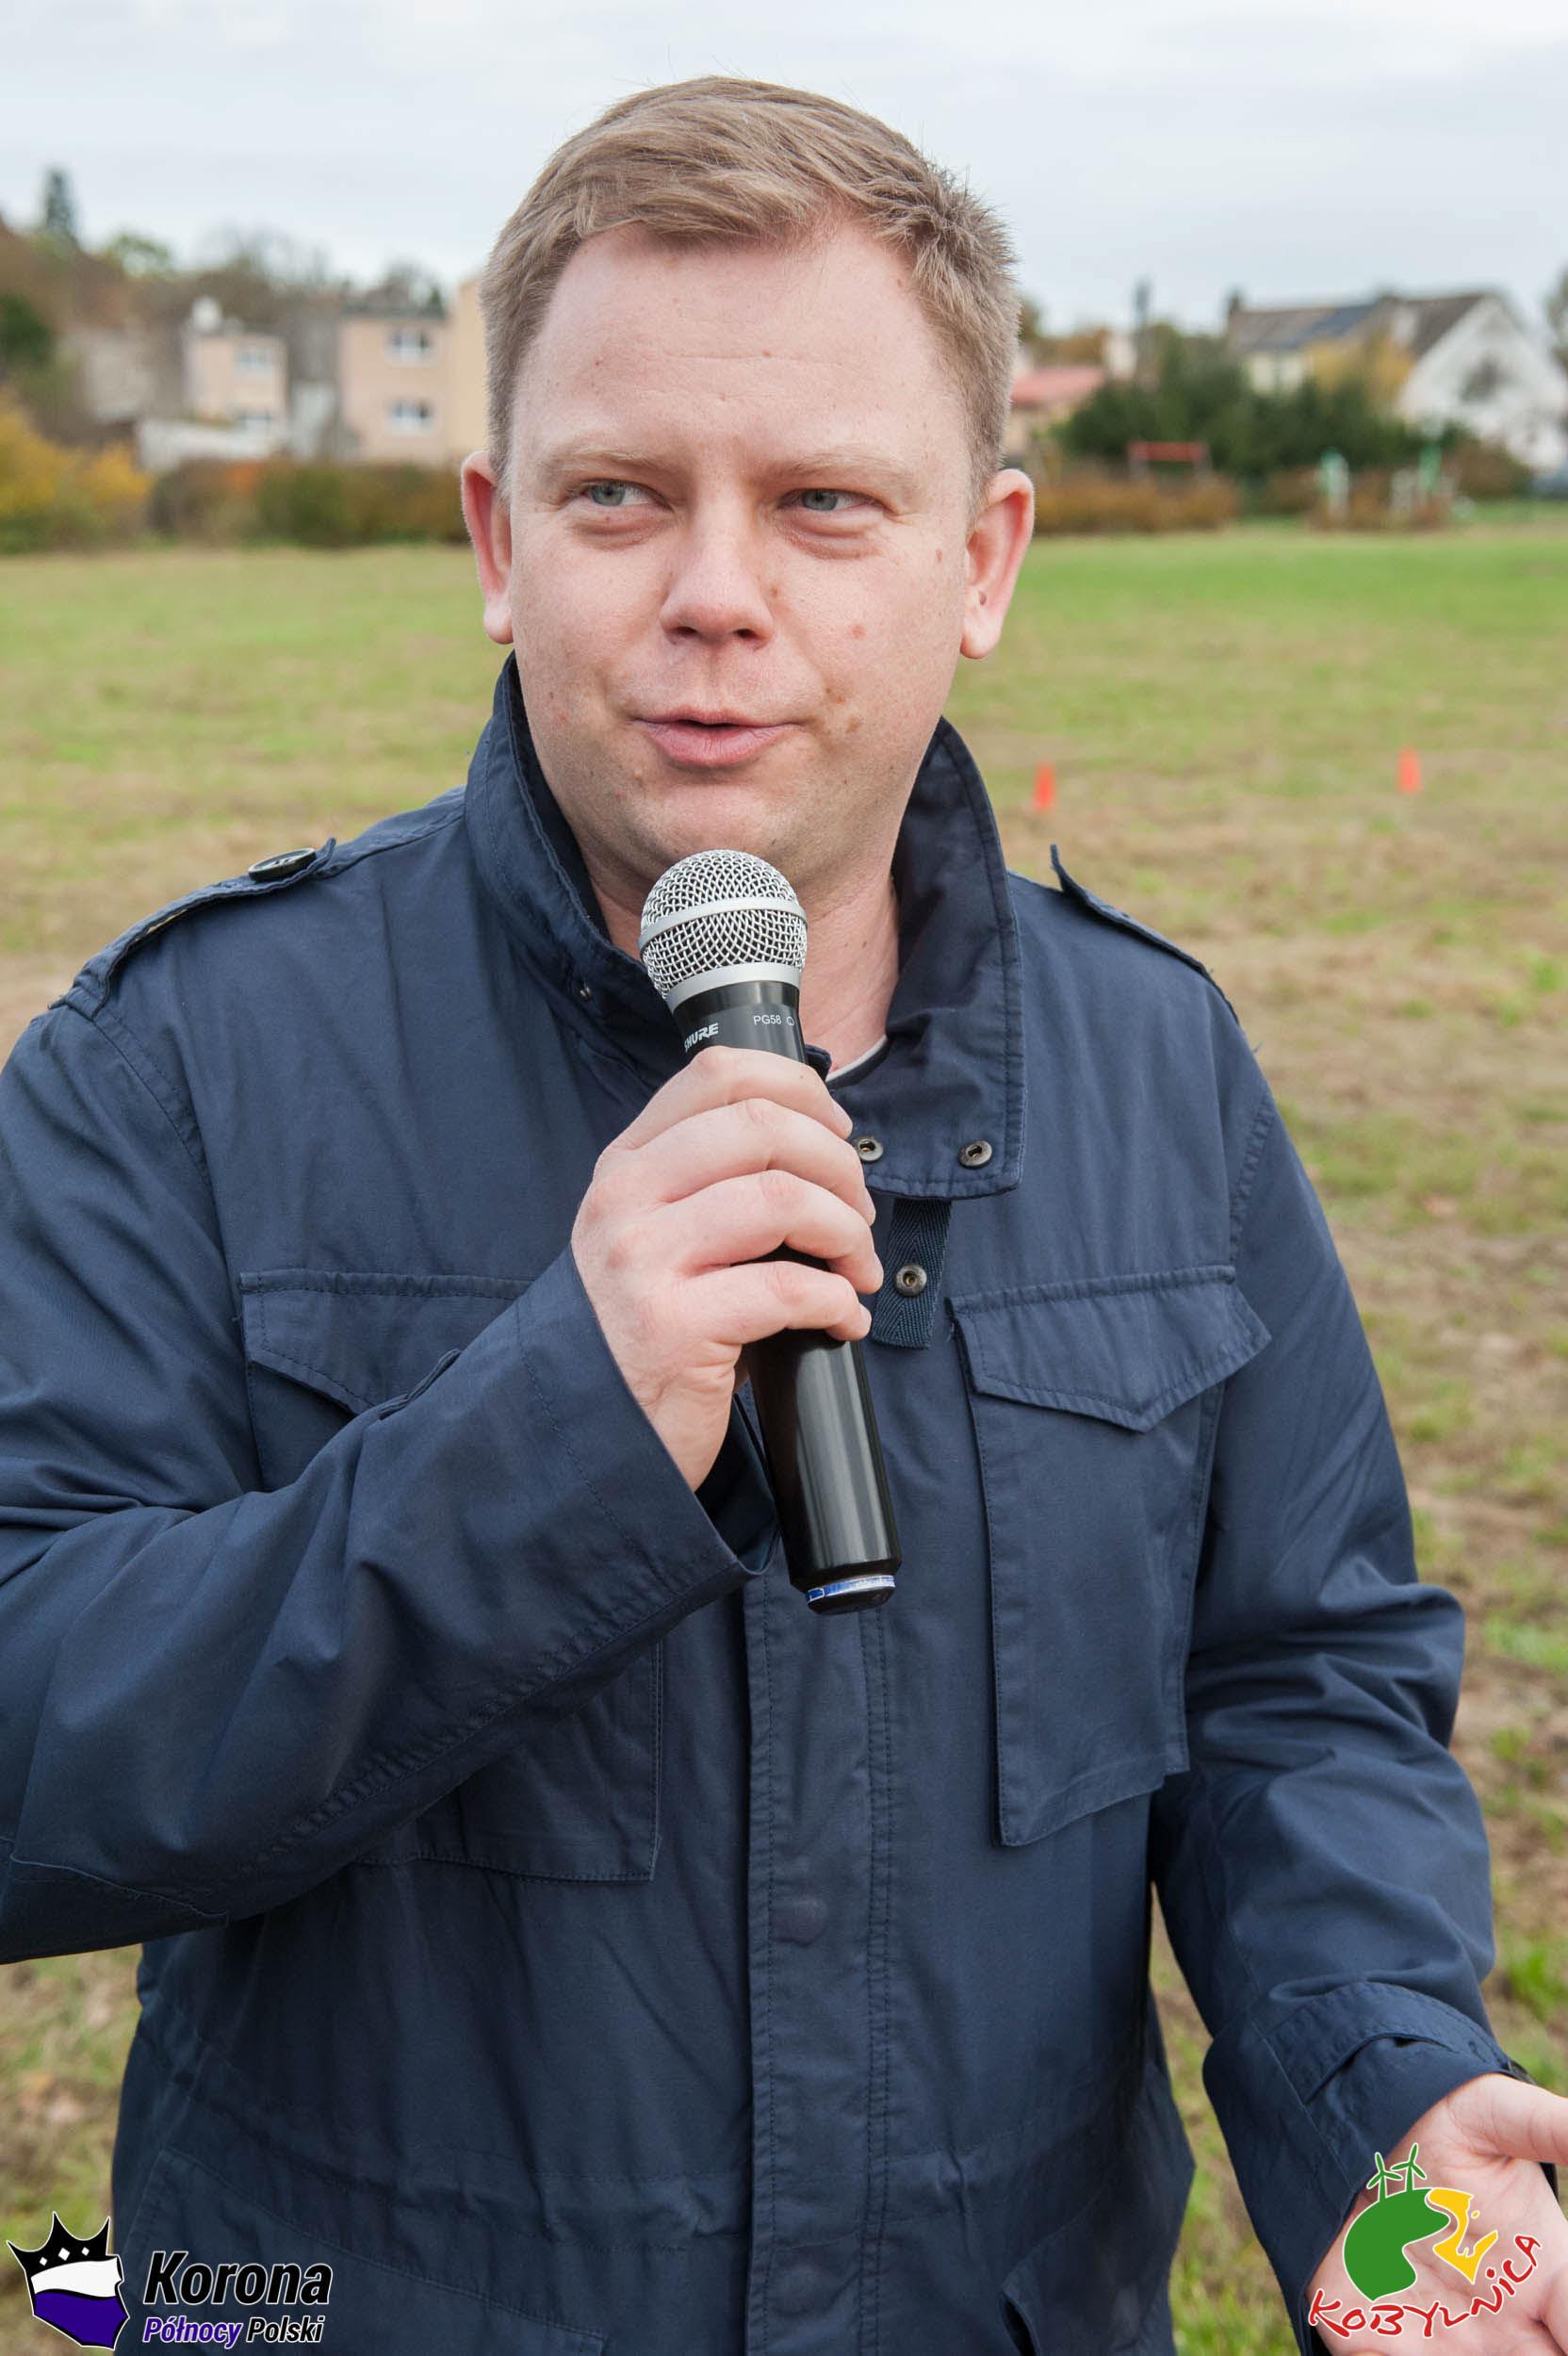 Rafał Kuligowski